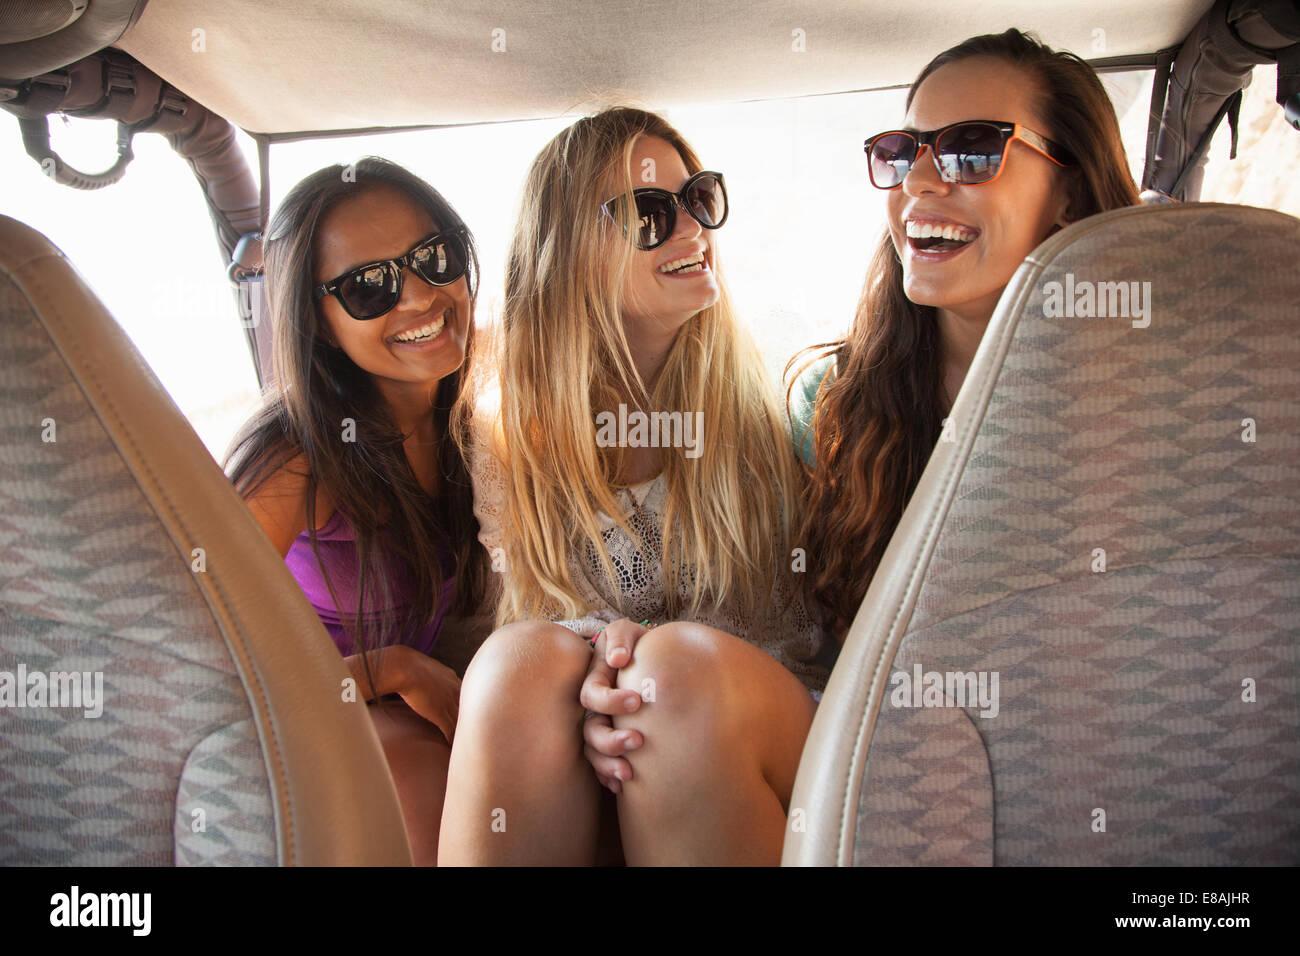 Tres jóvenes mujeres riendo en el asiento de atrás del coche Imagen De Stock